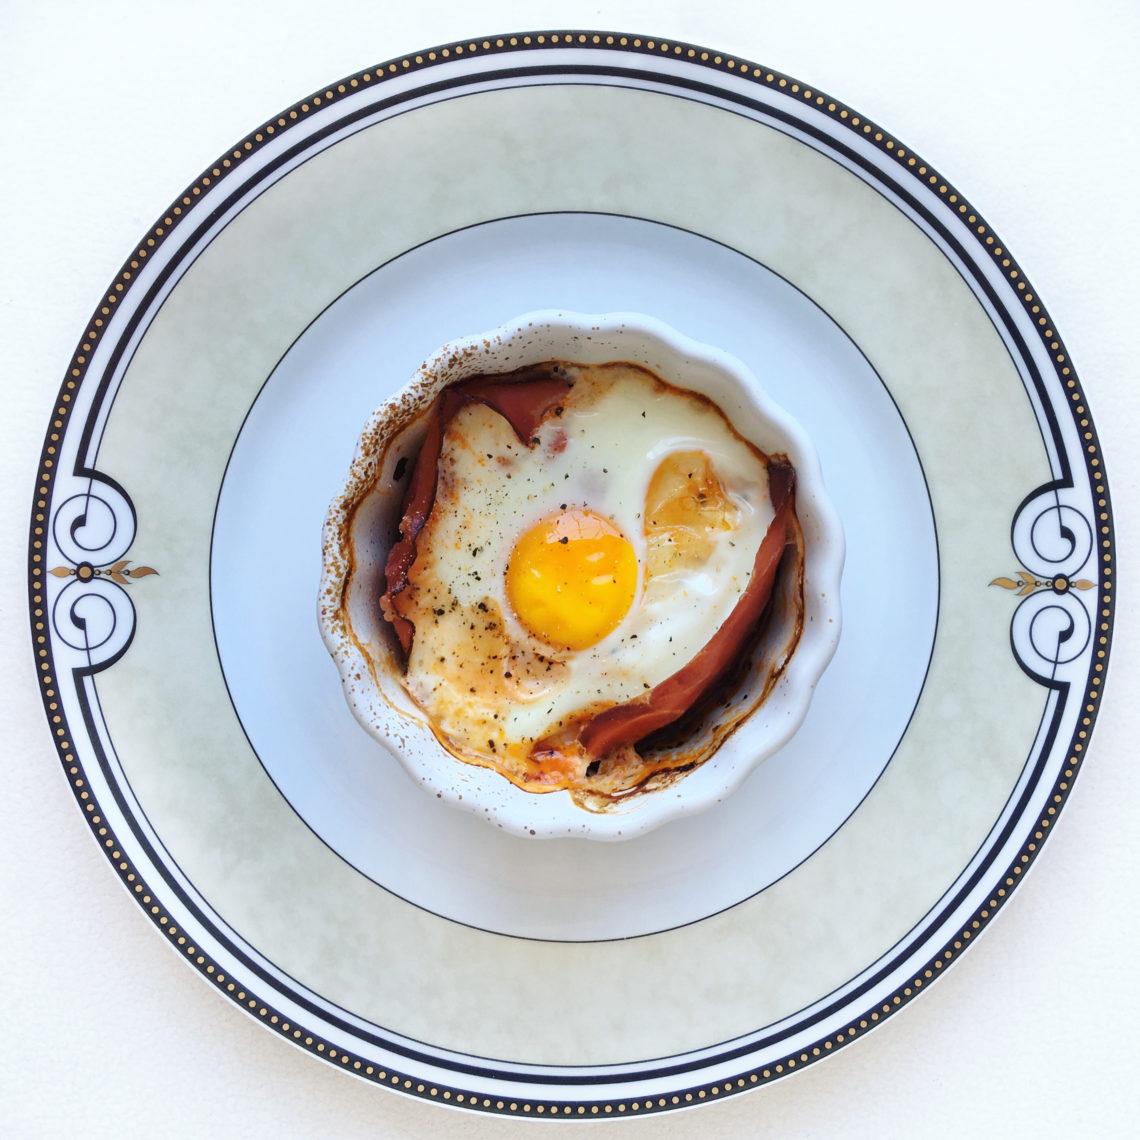 Jajko zapiekane w kokilce